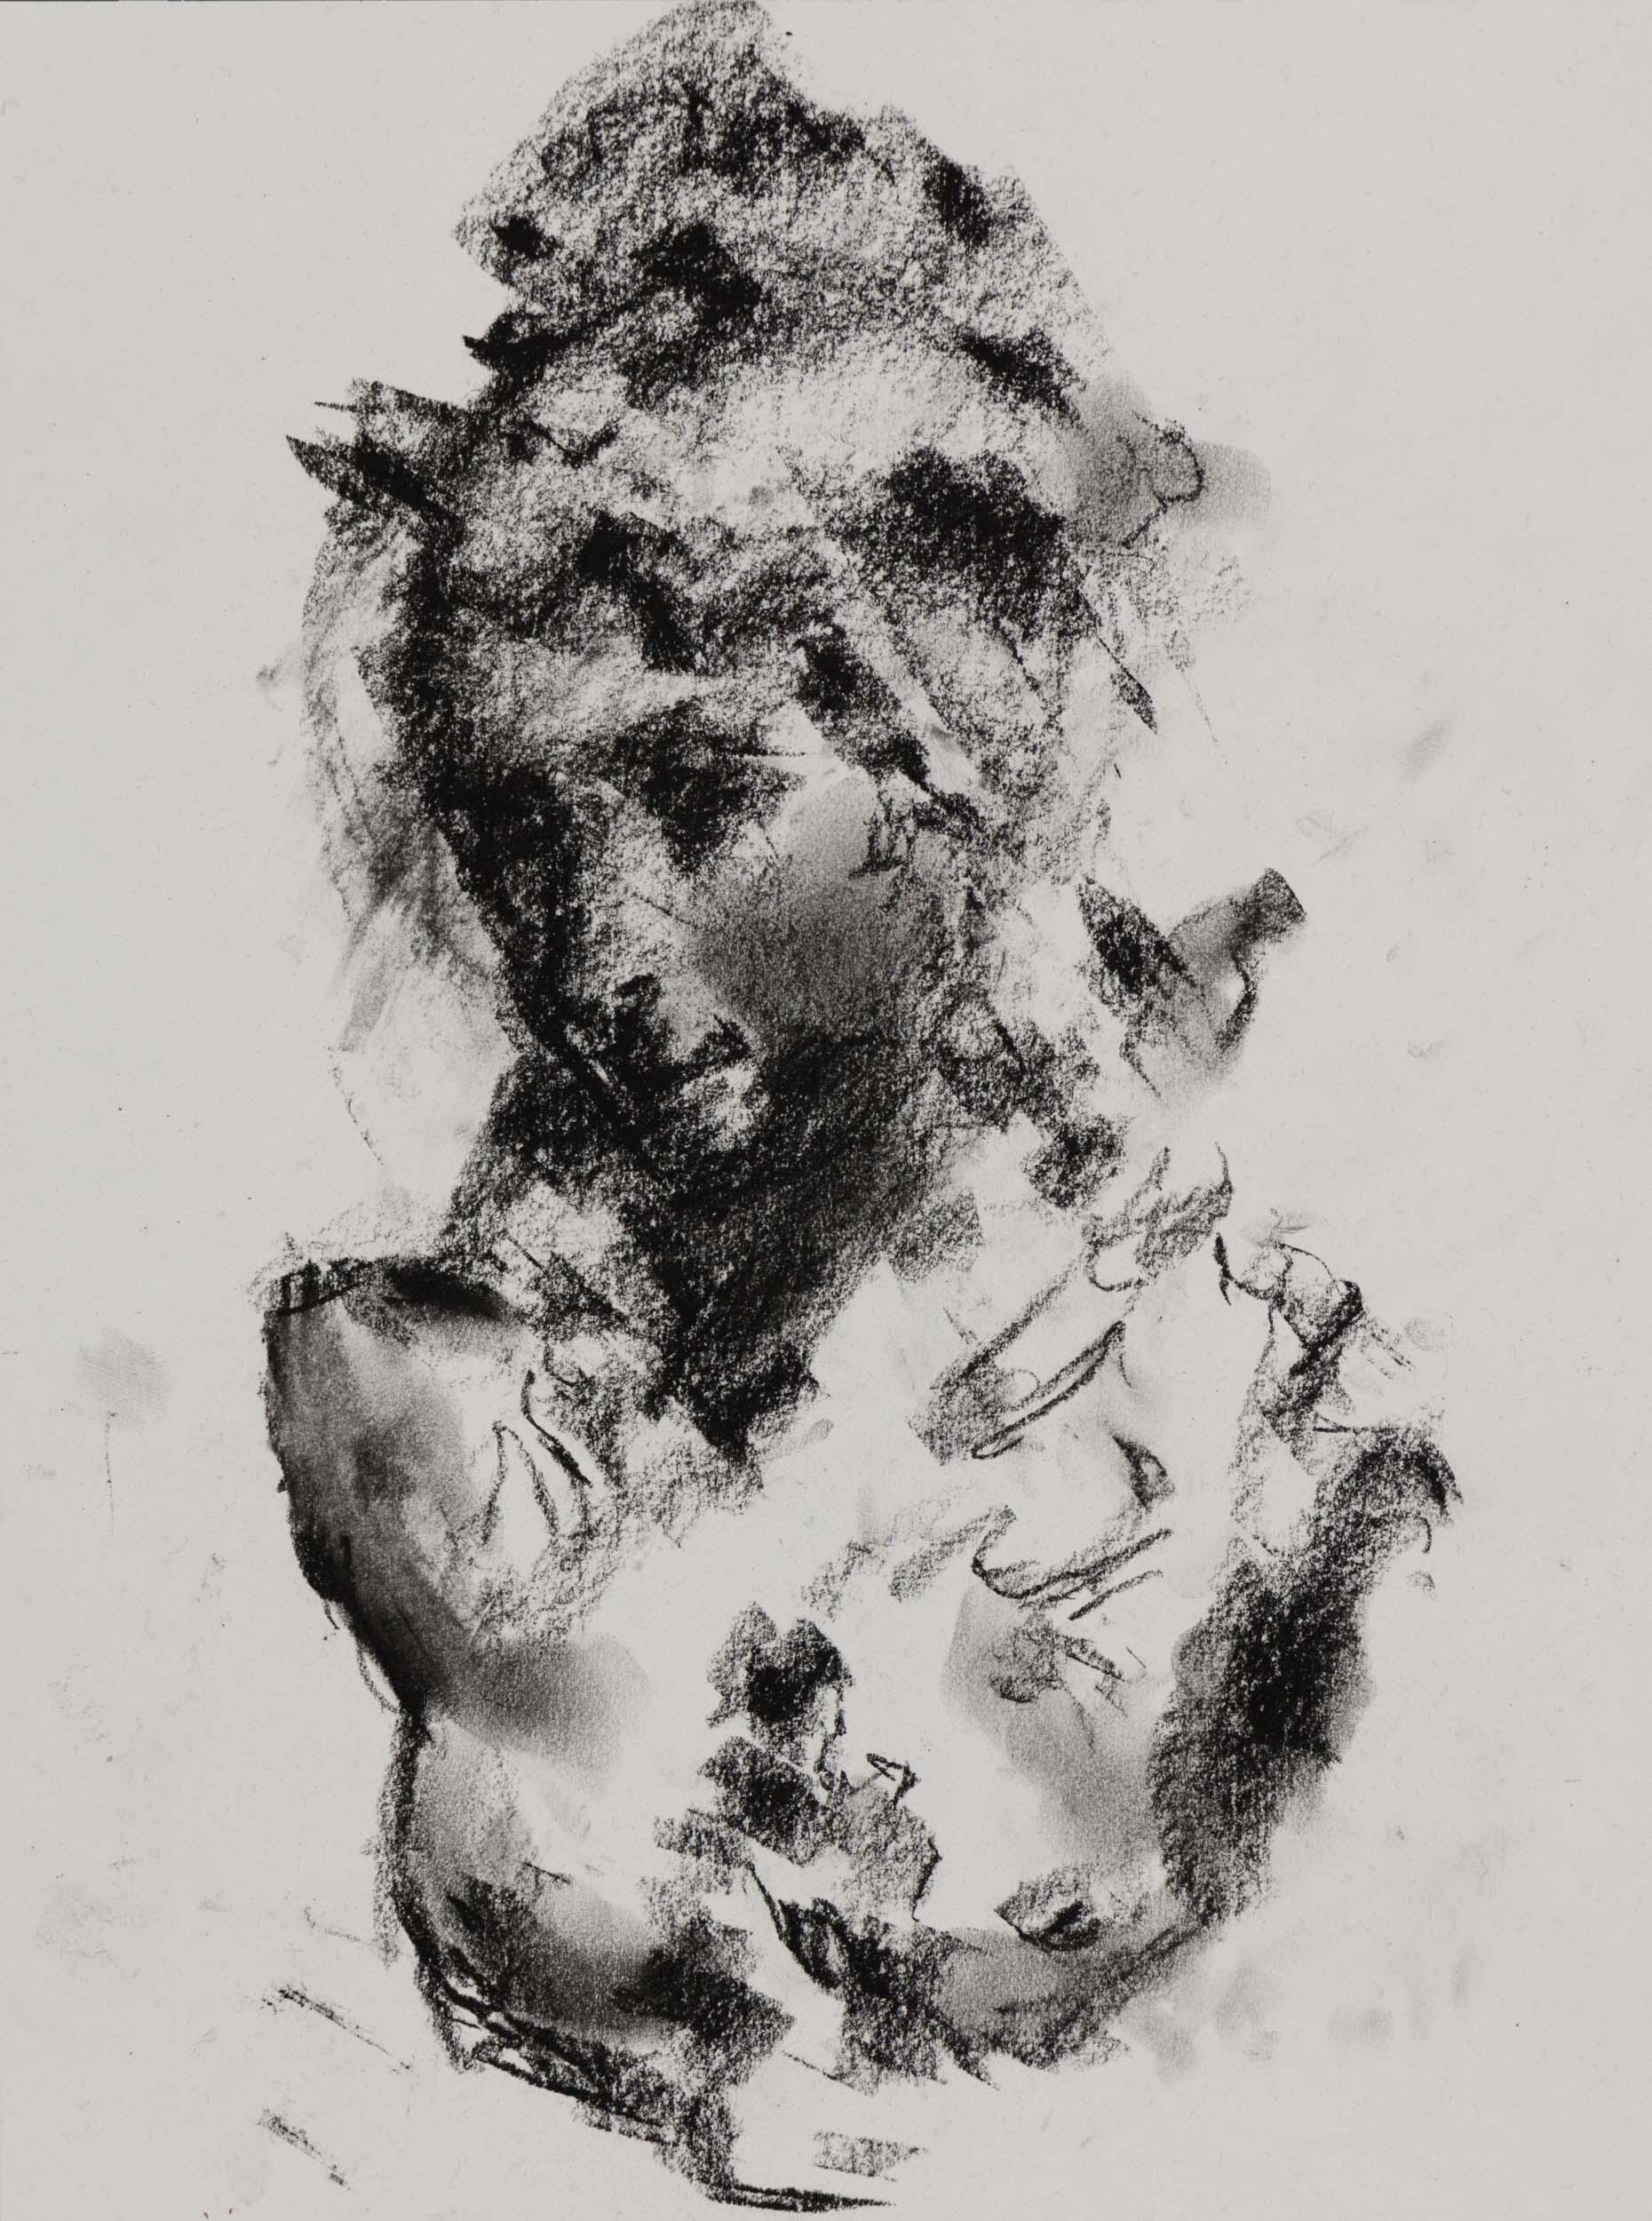 Sketch Study of Albert-Ernest Carrier-Belleuse's Fantasy Bust